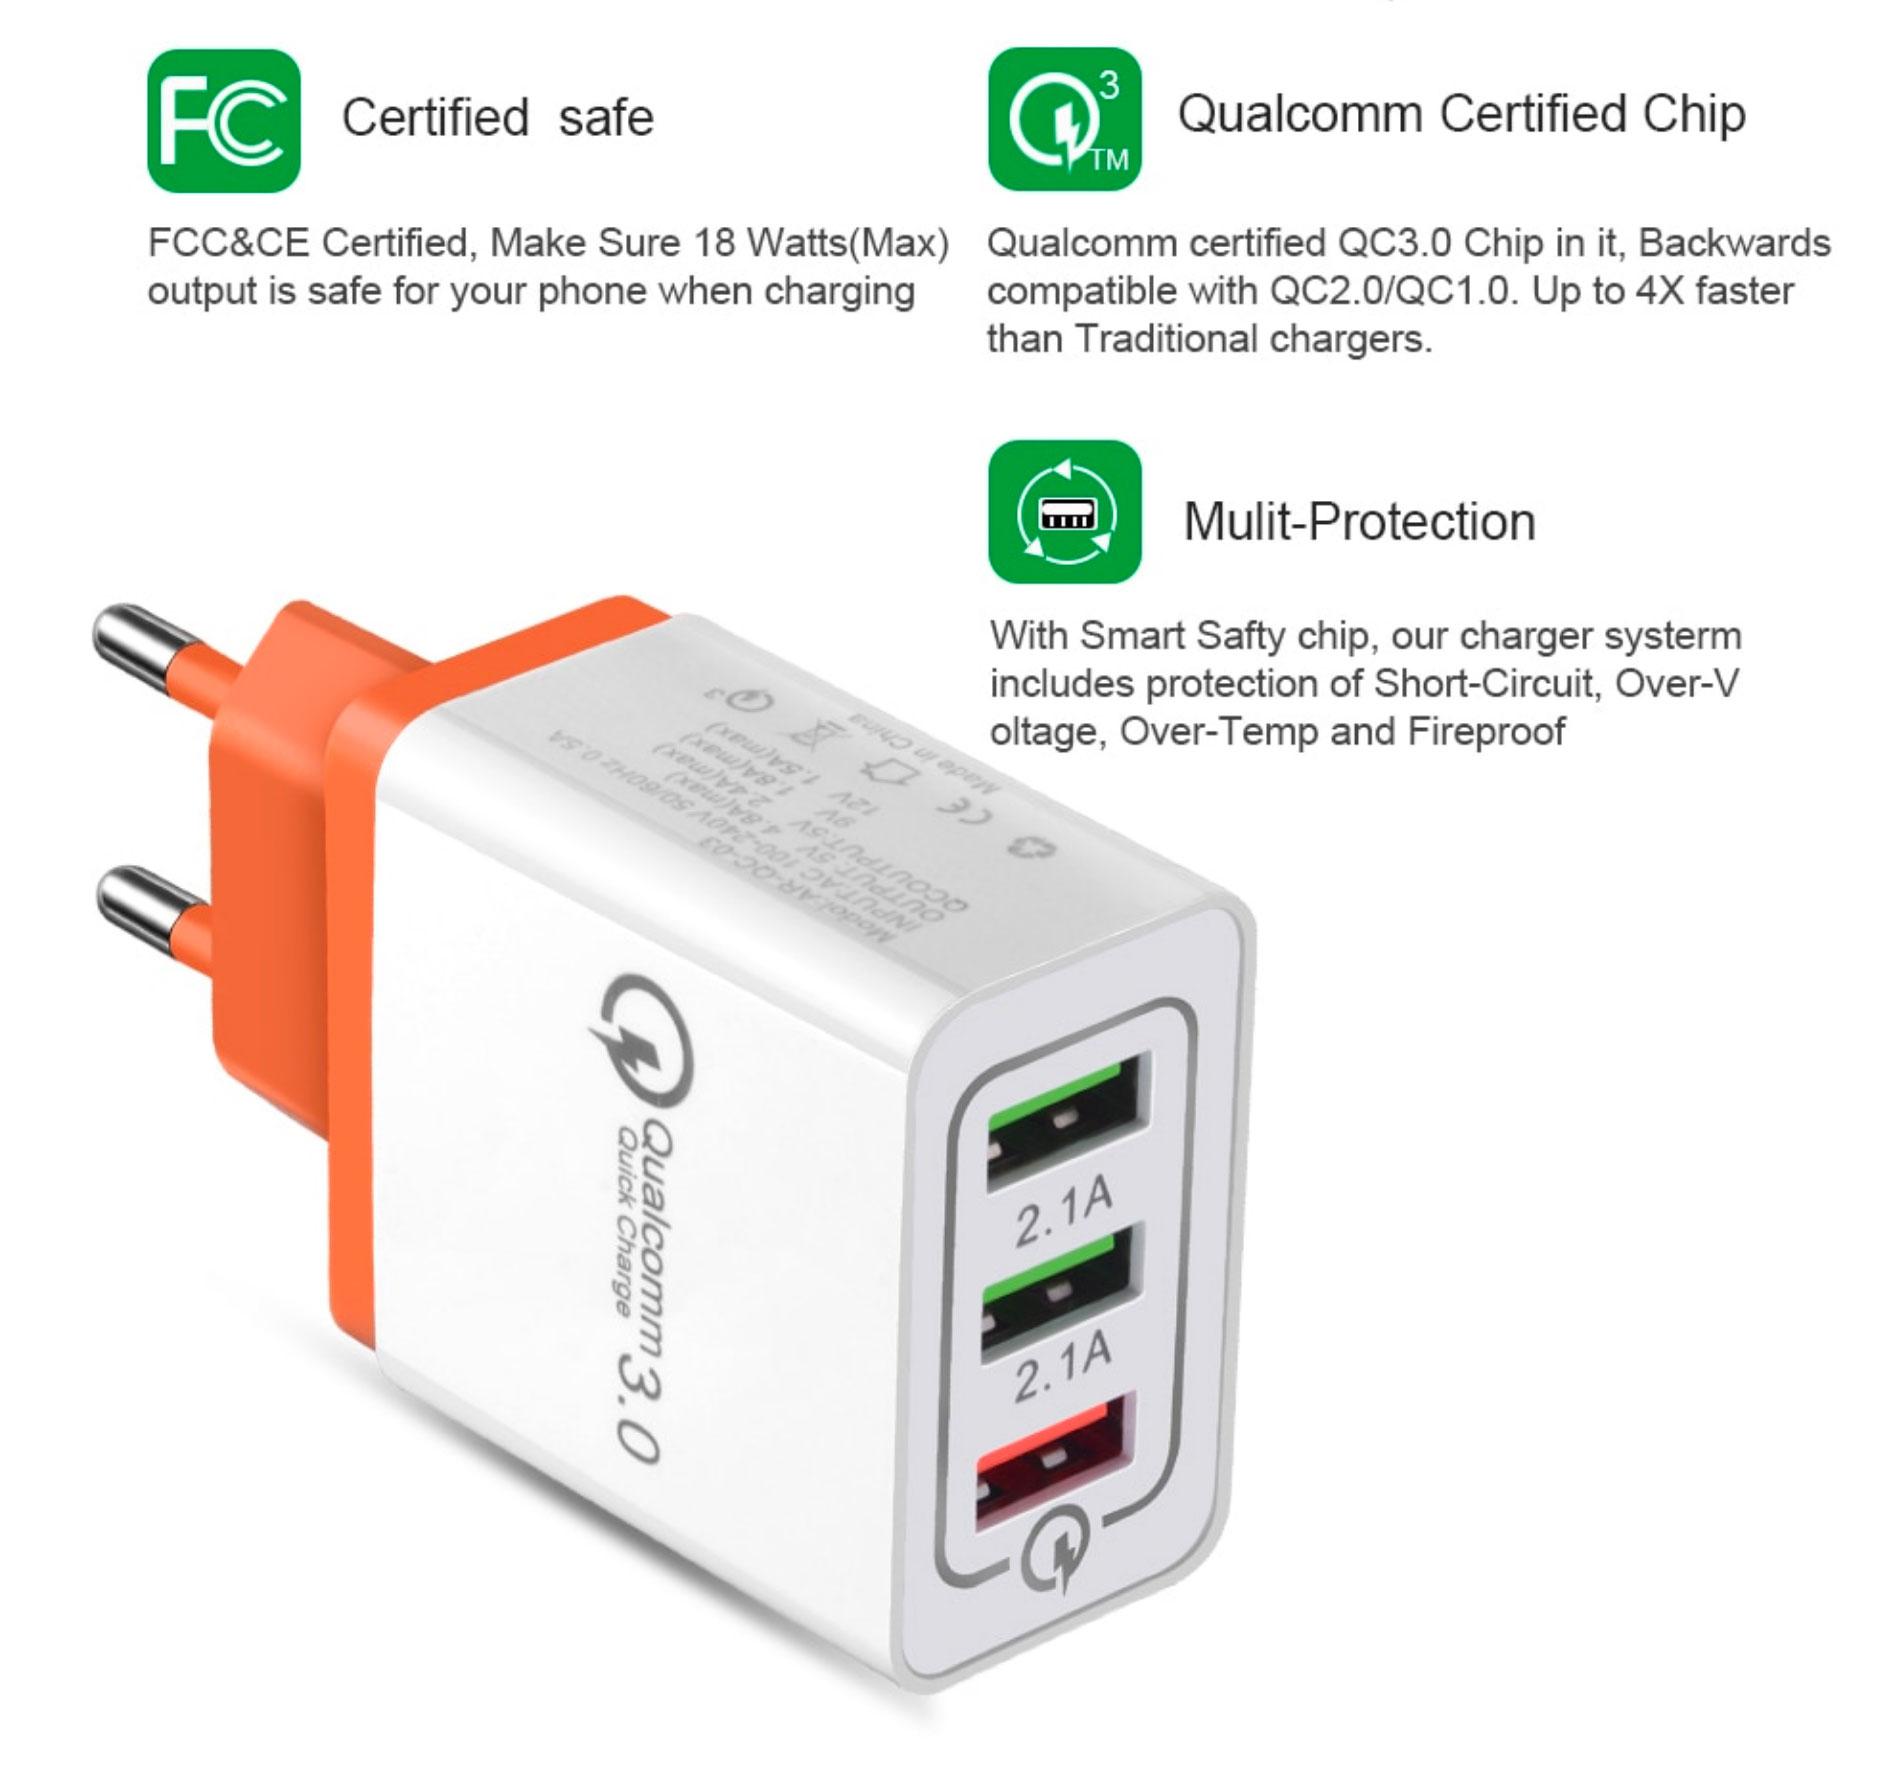 Cargador universal con tres puertos USB compatible con la carga rápida Quick Charge 3.0